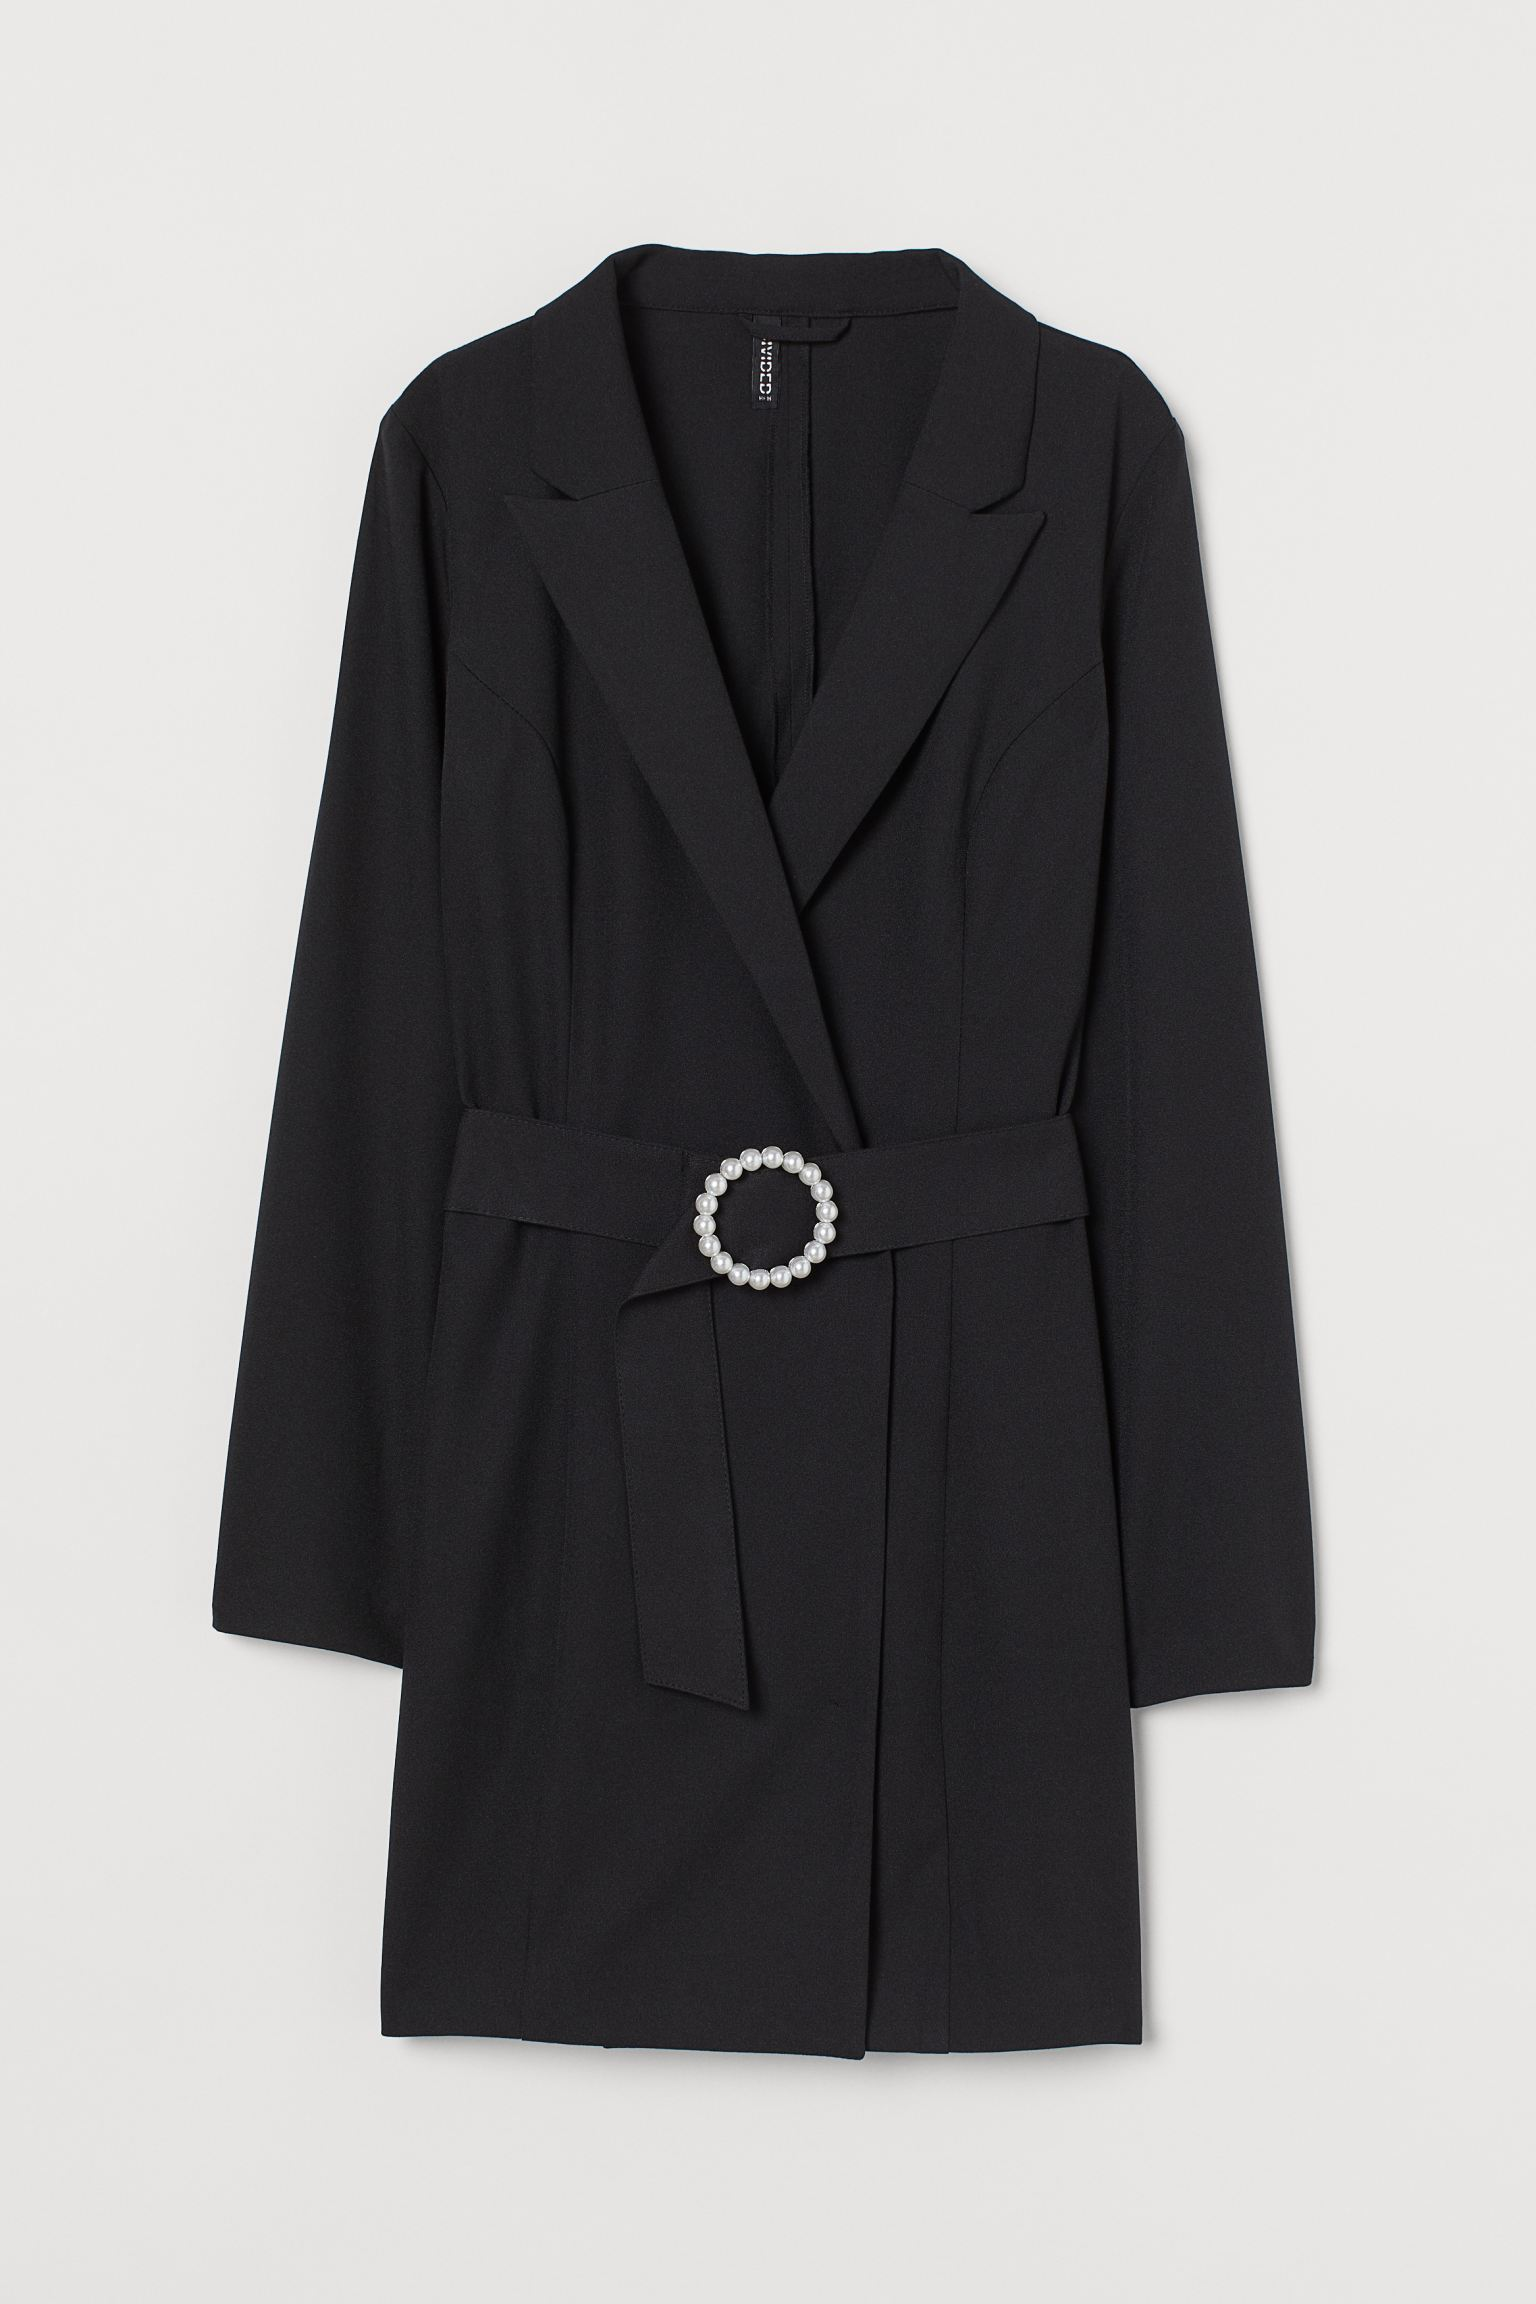 Vestido-blazer corto en crepé. Modelo entallado con solapas de pico, frente cruzado con cierre oculto y cinturón extraíble.